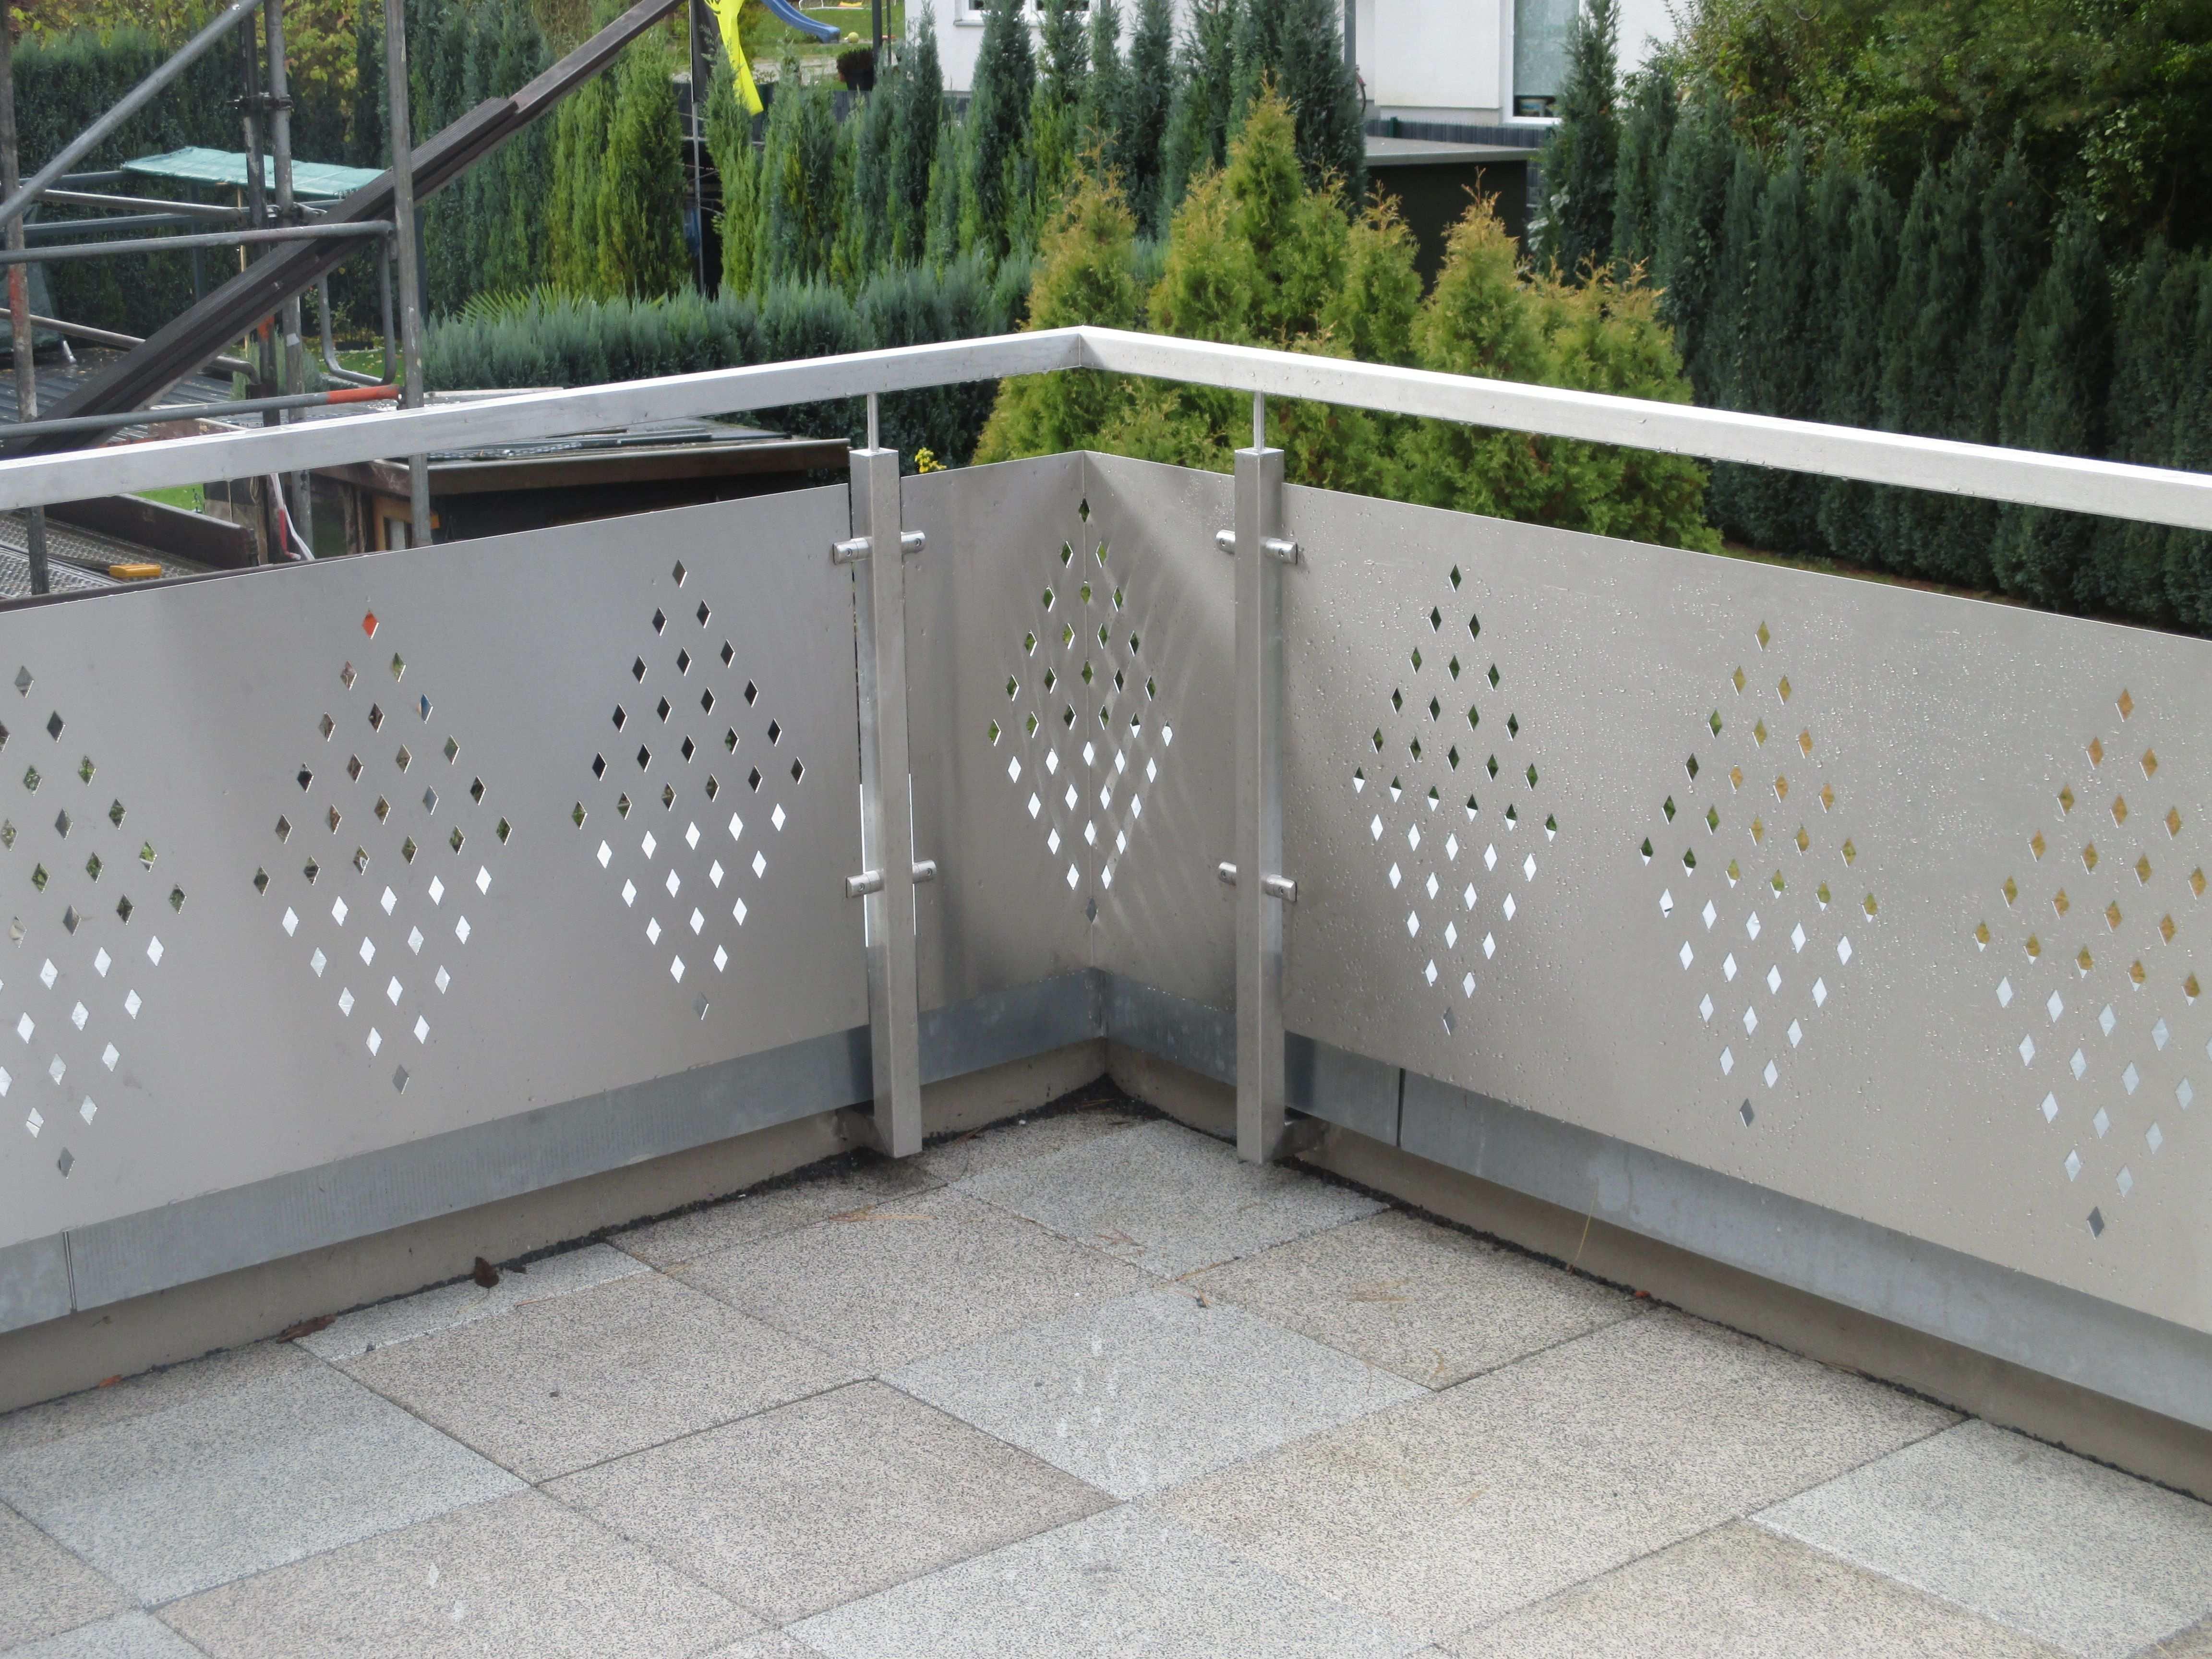 Balkongelander Aus Edelstahl Modernisierung Des Hauses Balkon Gelander Design Gelander Balkon Balkonverkleidung